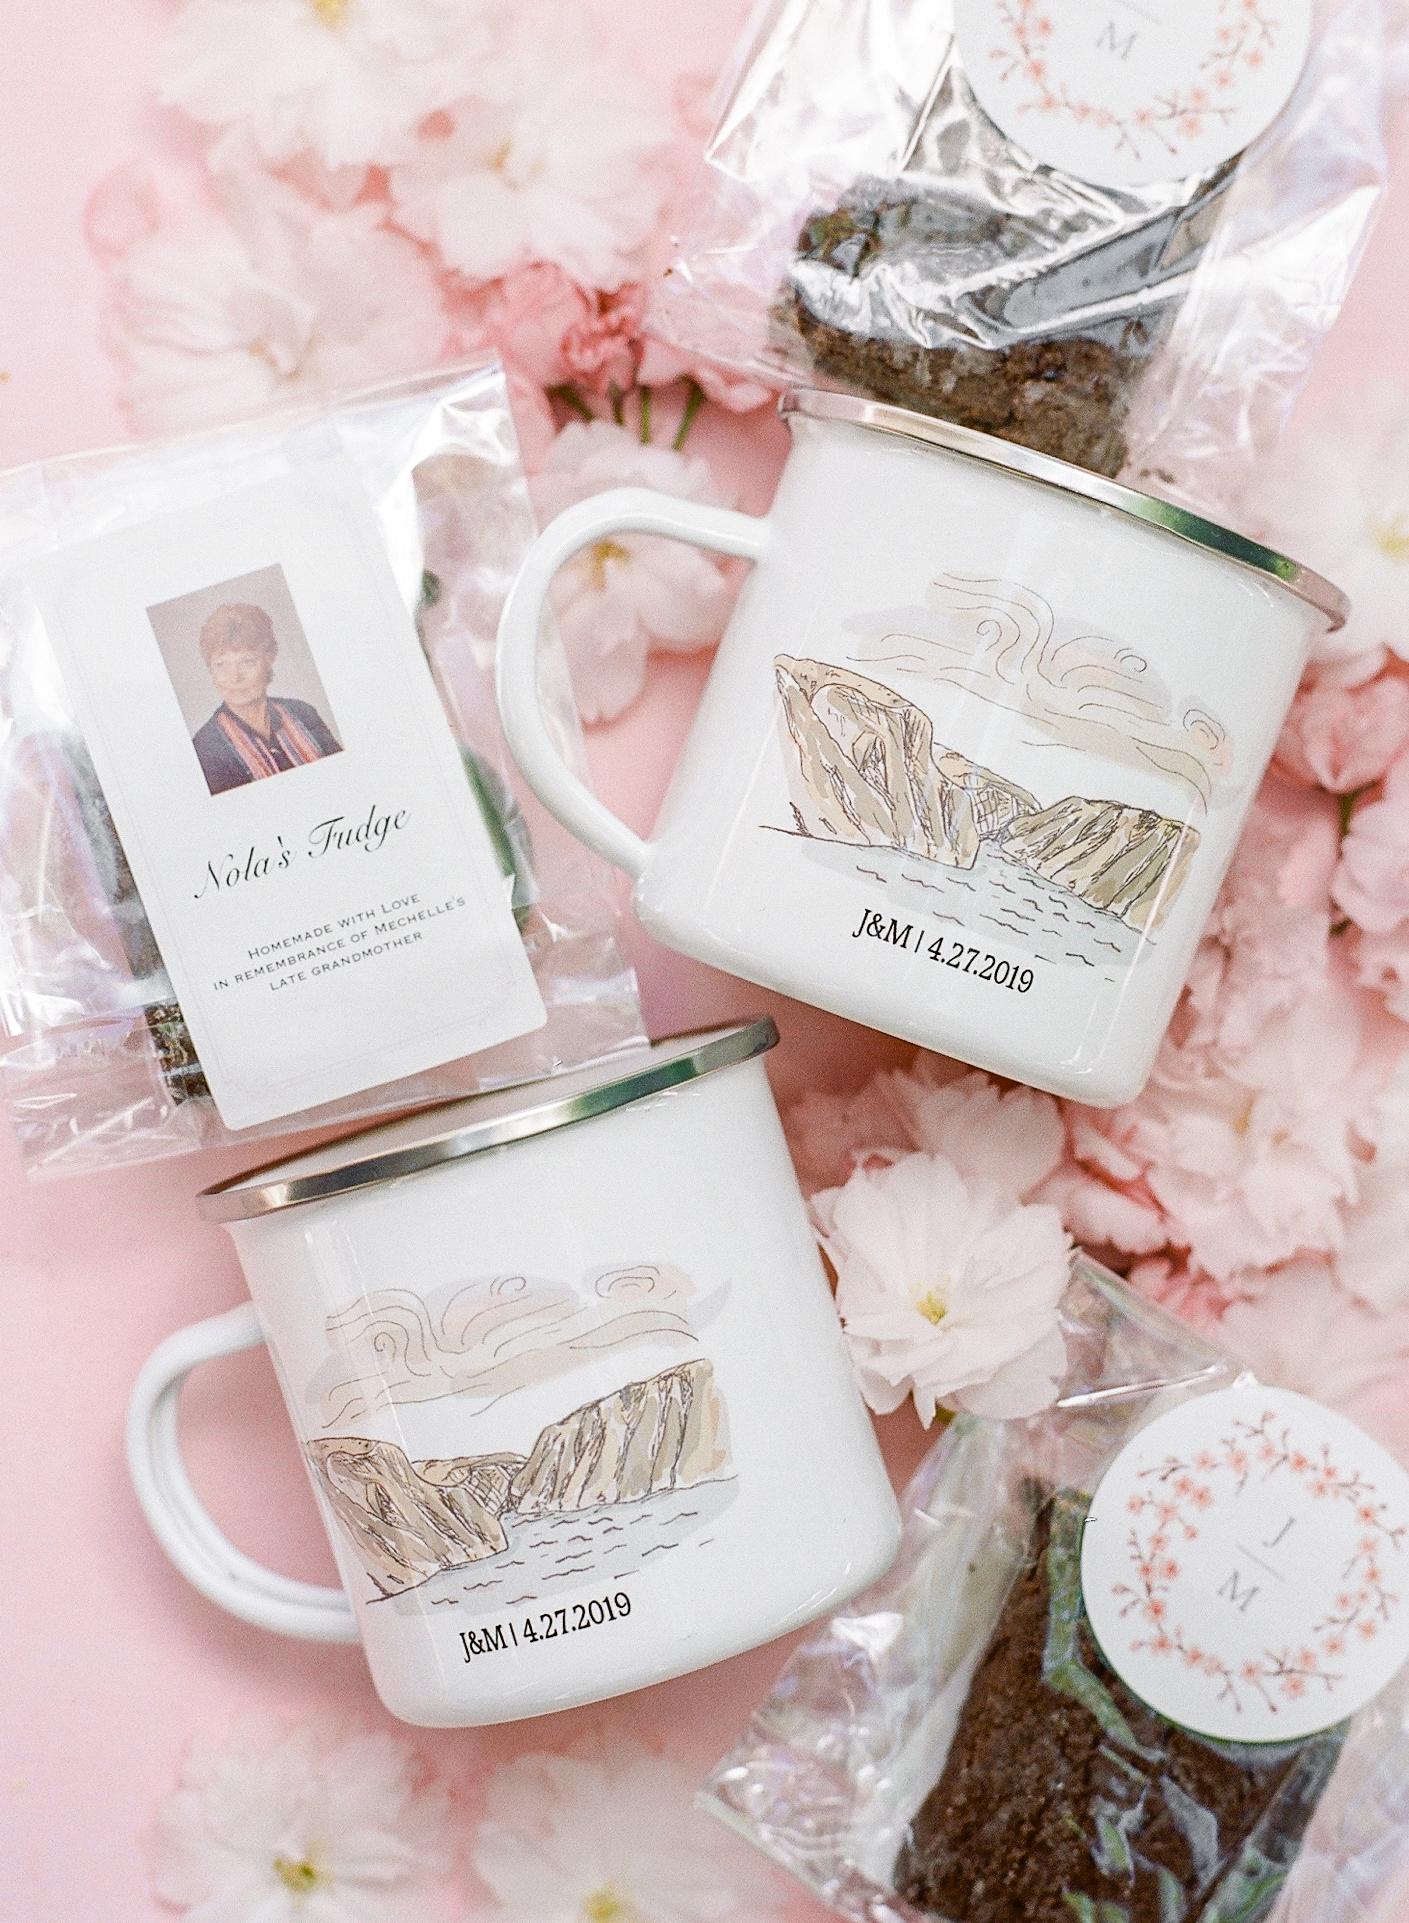 mechelle julia wedding favors mugs tea